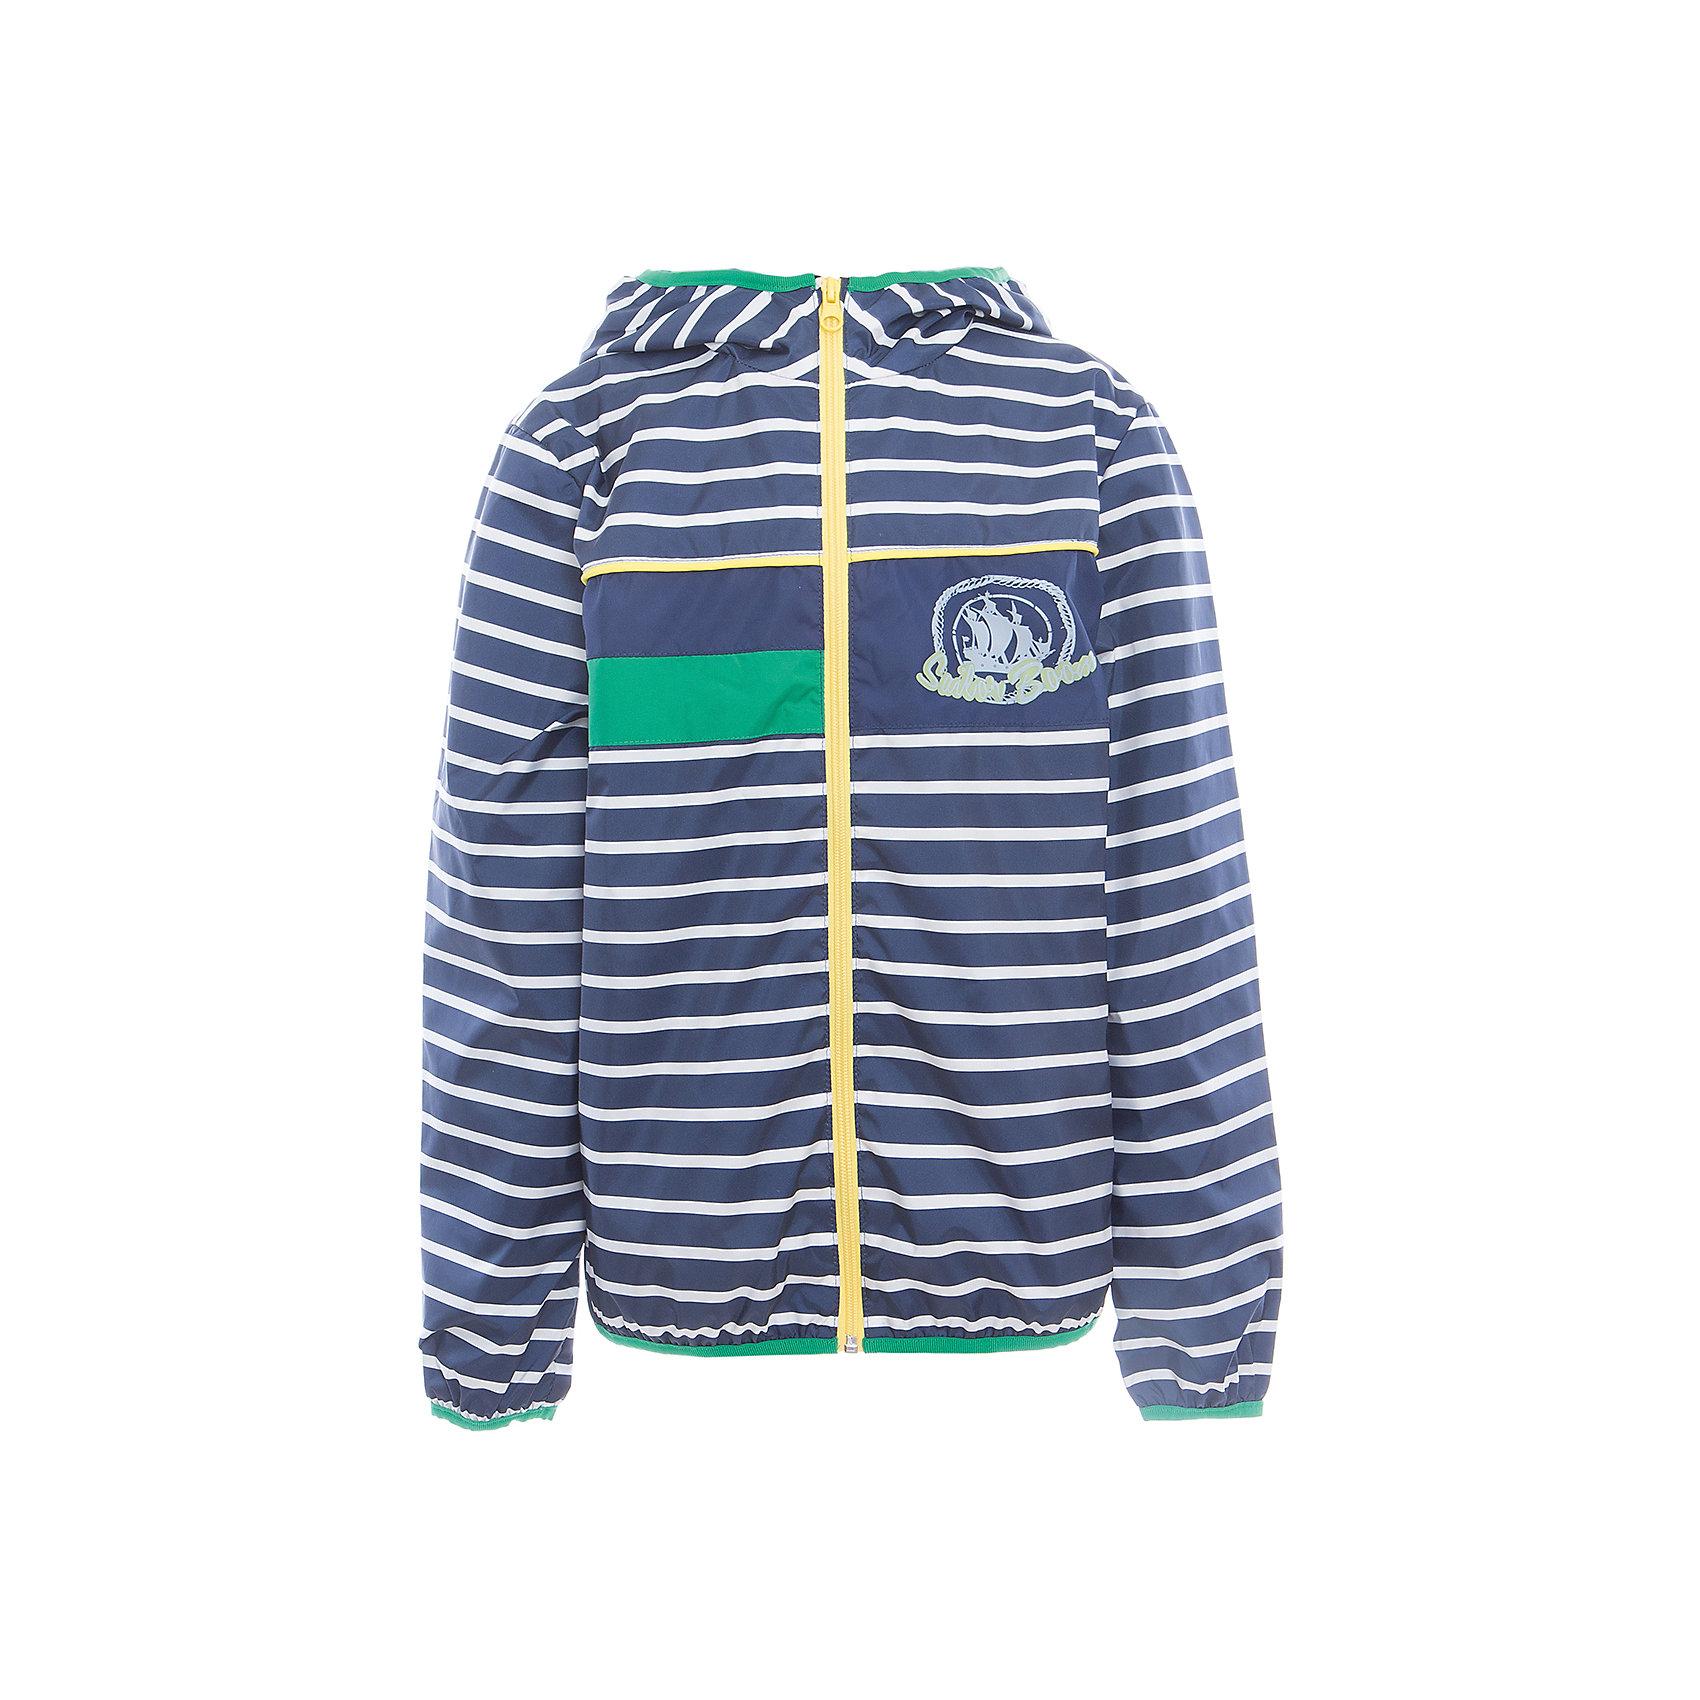 Куртка для мальчика BOOM by OrbyПолоска<br>Характеристики товара:<br><br>• цвет: синий<br>• состав: верх - таффета, подкладка - поликоттон, полиэстер, без утеплителя<br>• температурный режим: от +5° до +15°С<br>• пропитка от промокания<br>• застежка - молния<br>• капюшон <br>• украшена принтом<br>• легкая<br>• комфортная посадка<br>• страна производства: Российская Федерация<br>• страна бренда: Российская Федерация<br>• коллекция: весна-лето 2017<br><br>Легкая куртка - универсальный вариант и для прохладного летнего вечера, и для теплого межсезонья. Эта модель - модная и удобная одновременно! Изделие отличается стильным ярким дизайном. Куртка хорошо сидит по фигуре, отлично сочетается с различным низом. Вещь была разработана специально для детей.<br><br>Одежда от российского бренда BOOM by Orby уже завоевала популярностью у многих детей и их родителей. Вещи, выпускаемые компанией, качественные, продуманные и очень удобные. Для производства коллекций используются только безопасные для детей материалы. Спешите приобрести модели из новой коллекции Весна-лето 2017! <br><br>Куртку для мальчика от бренда BOOM by Orby можно купить в нашем интернет-магазине.<br><br>Ширина мм: 356<br>Глубина мм: 10<br>Высота мм: 245<br>Вес г: 519<br>Цвет: синий<br>Возраст от месяцев: 144<br>Возраст до месяцев: 156<br>Пол: Мужской<br>Возраст: Детский<br>Размер: 104,86,92,98,110,116,122,128,134,140,146,152,158<br>SKU: 5343890